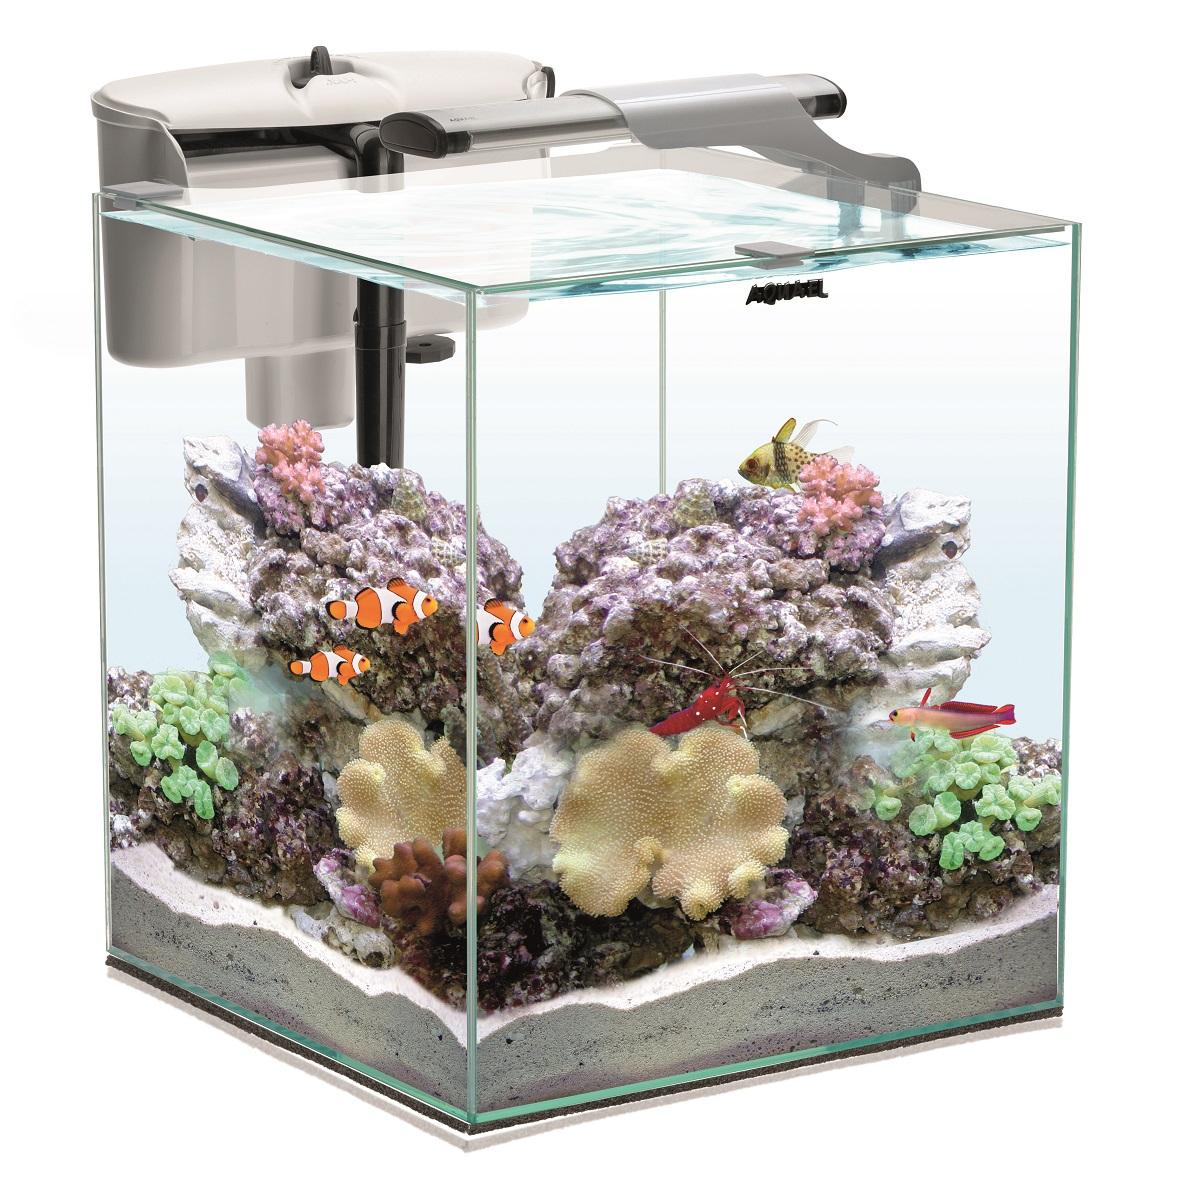 AQUAEL Nano Reef Duo 49L aquarium 35 x 35 x 40 cm équipé pour l\'eau de mer avec éclairage LEDs 10W et filtration